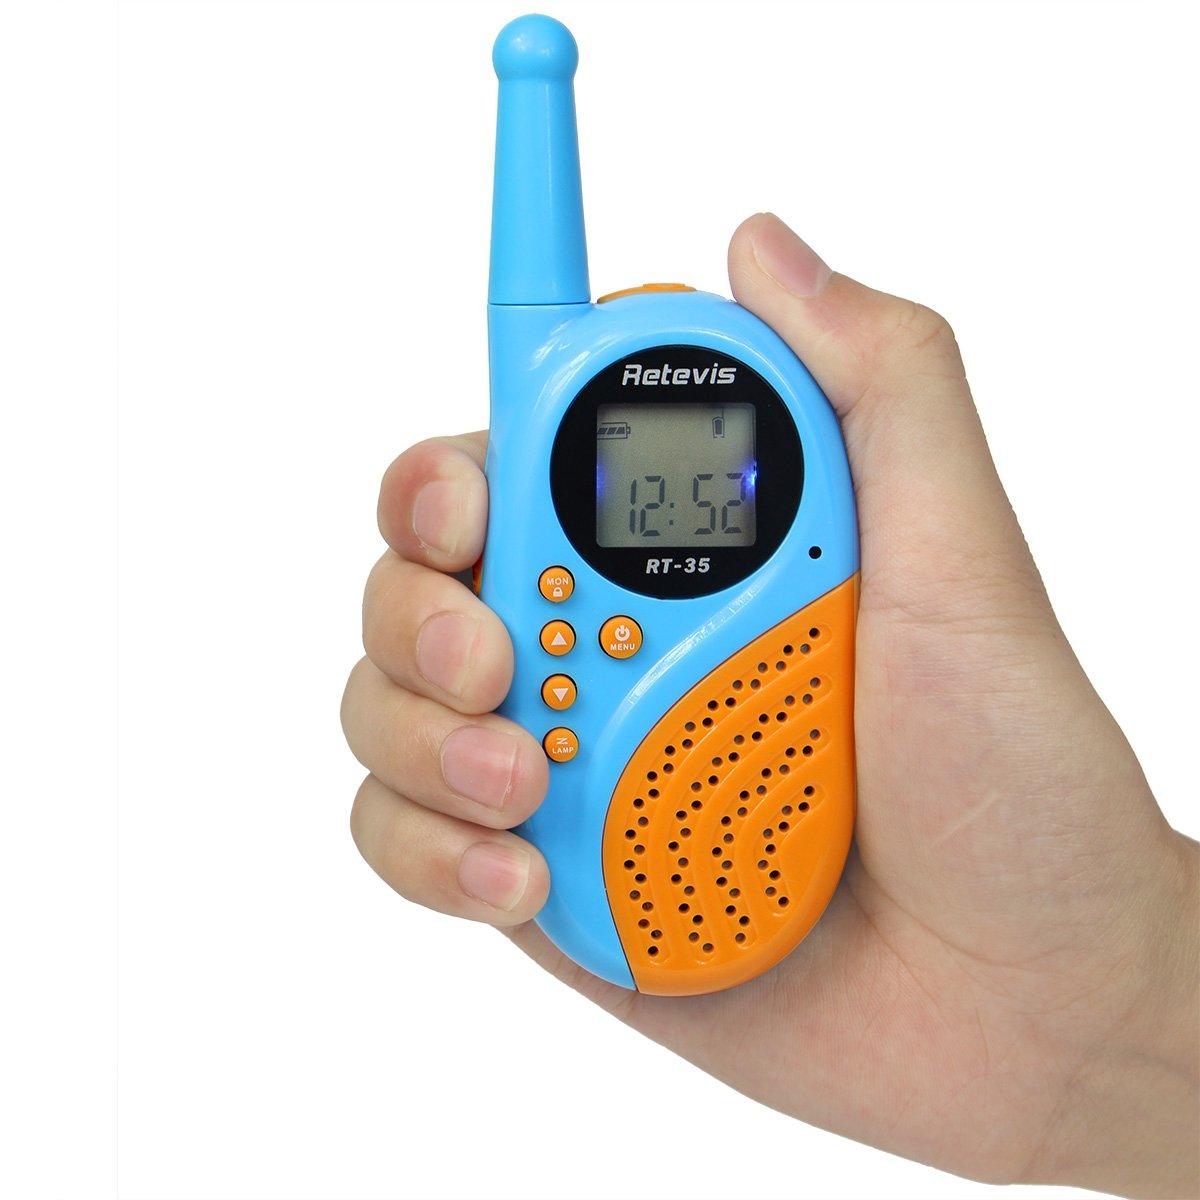 Retevis RT35 Kids Walkie Talkies USB License-Free Digital Alarm Clock 2 Way Radio(Blue, 4 Pack) by Retevis (Image #8)